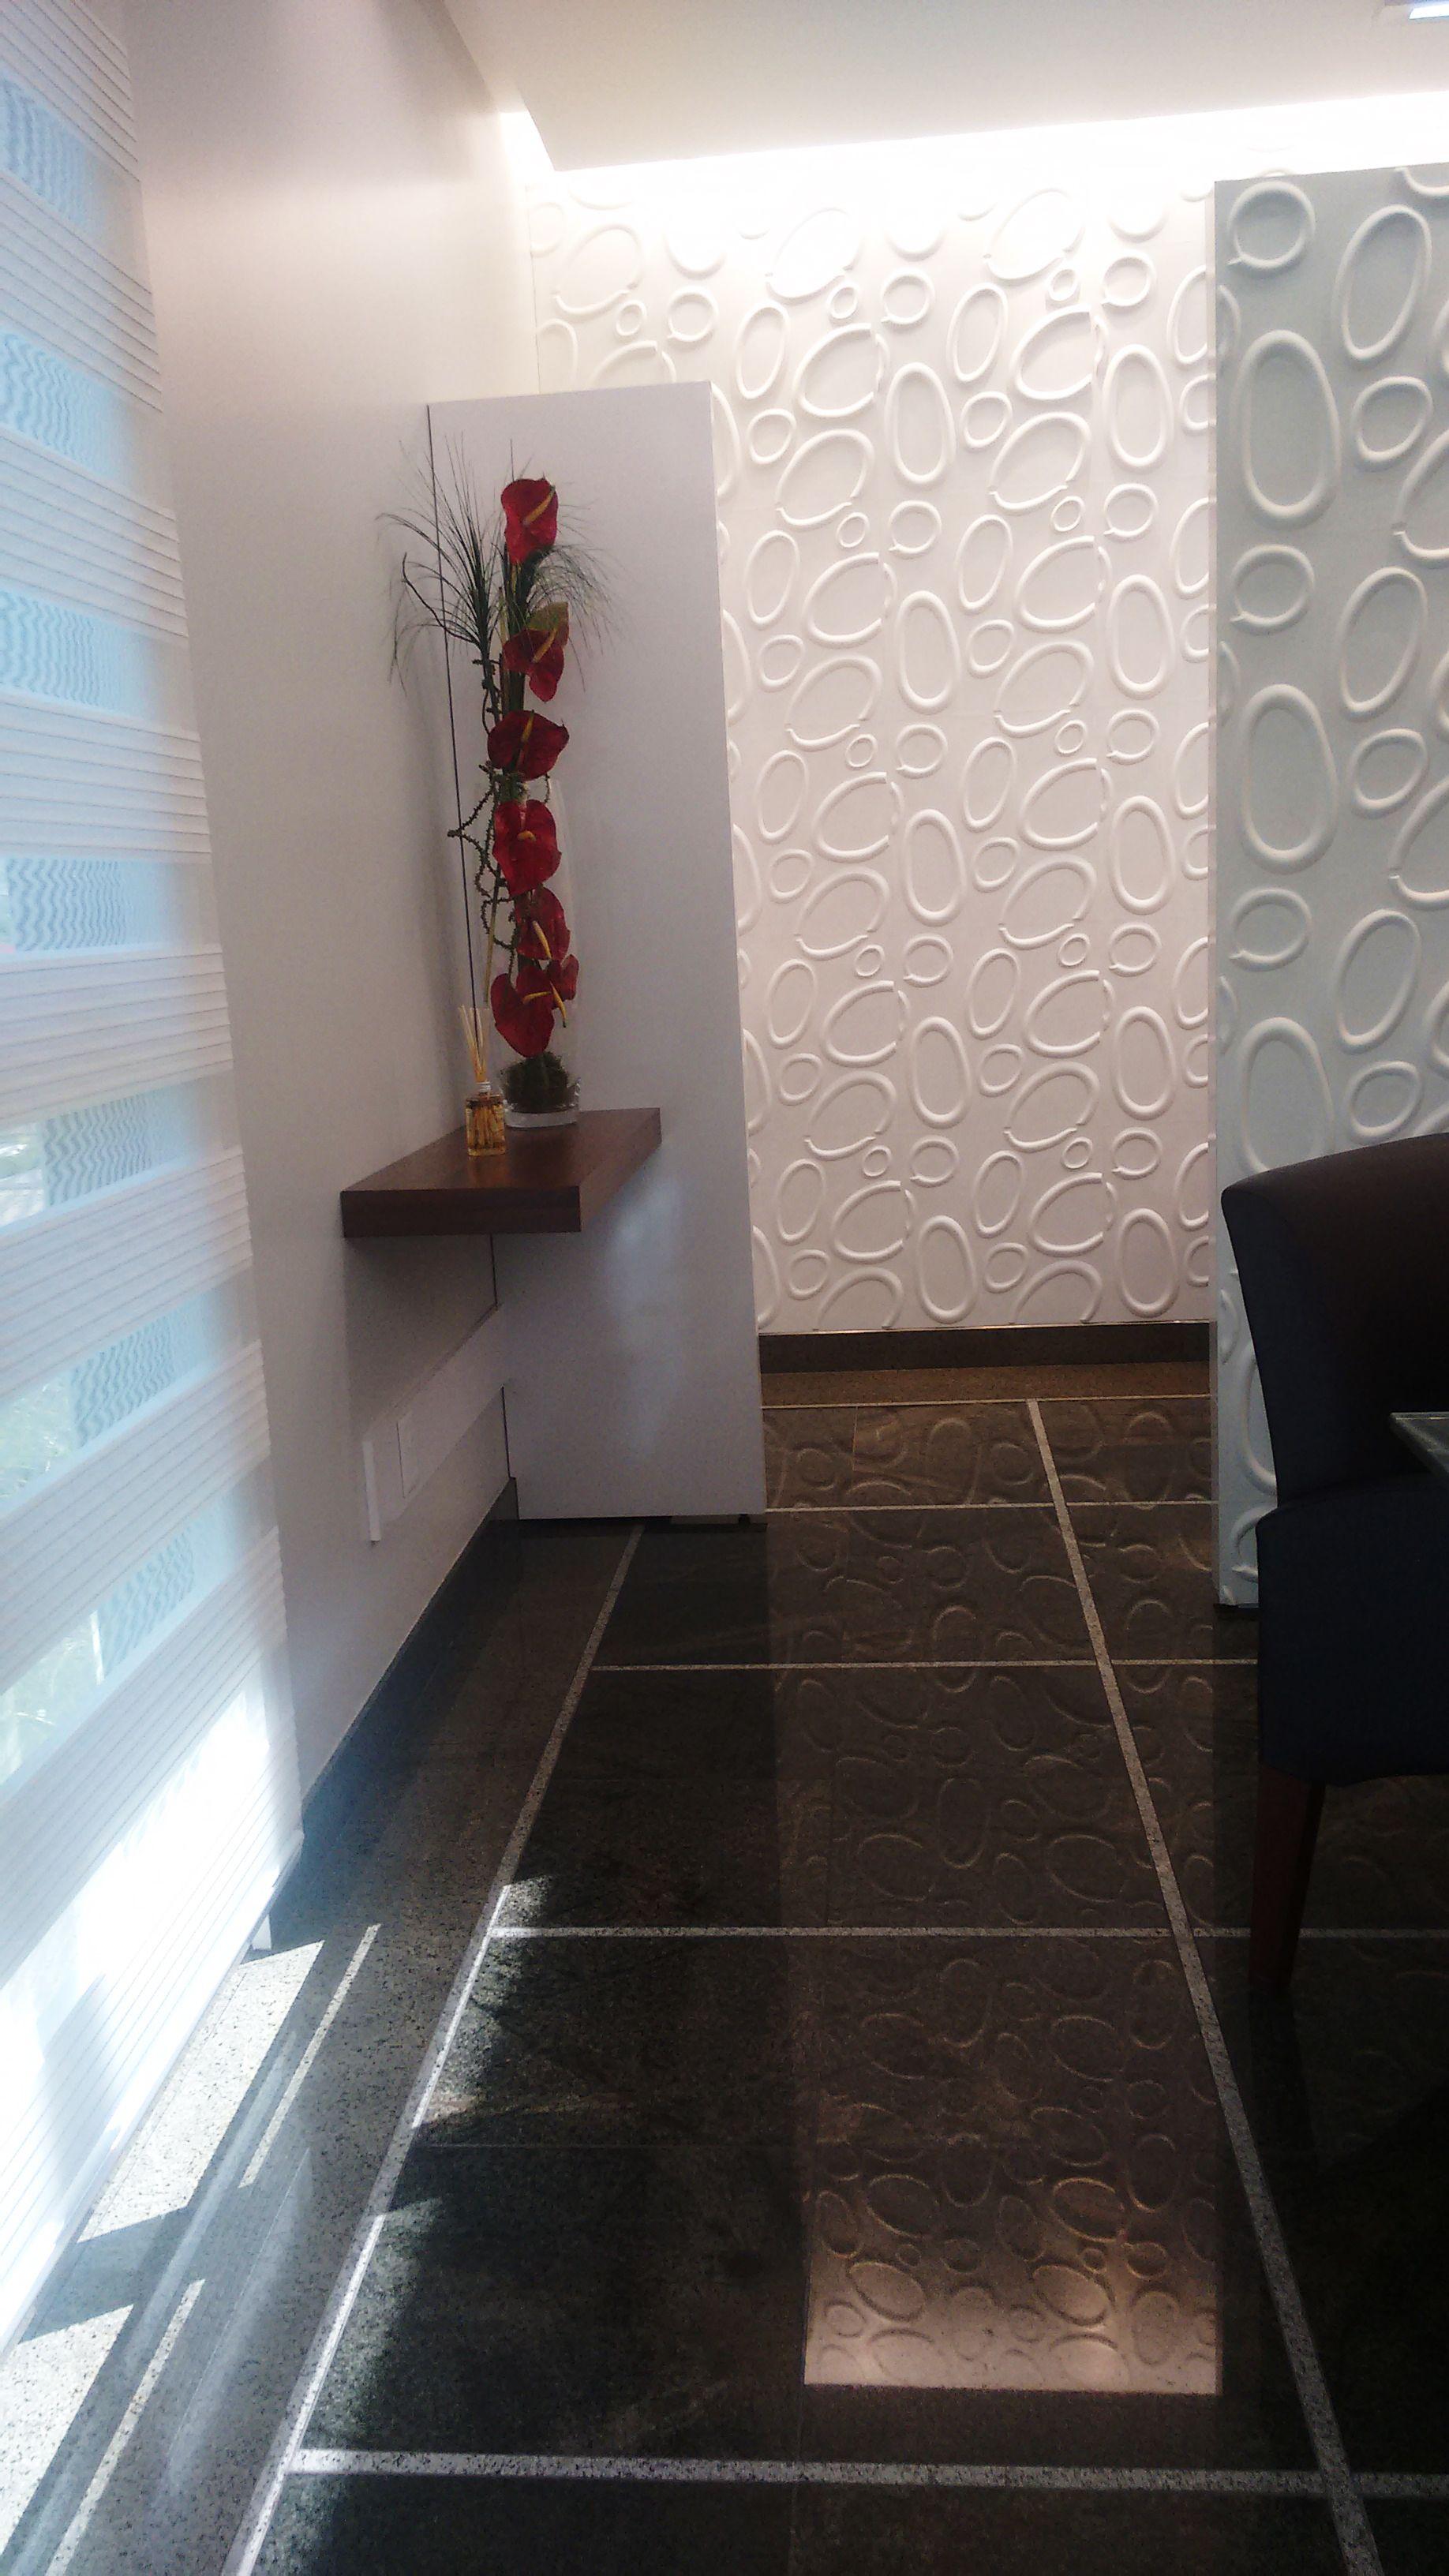 Sala de Atendimento - Ortopedia - Revestimento Goede - Iluminação Indireta - Lacca Branca - Nova Imbúia. Clínica Ortopédica - Francisco Beltrão - Paraná - Brasil.